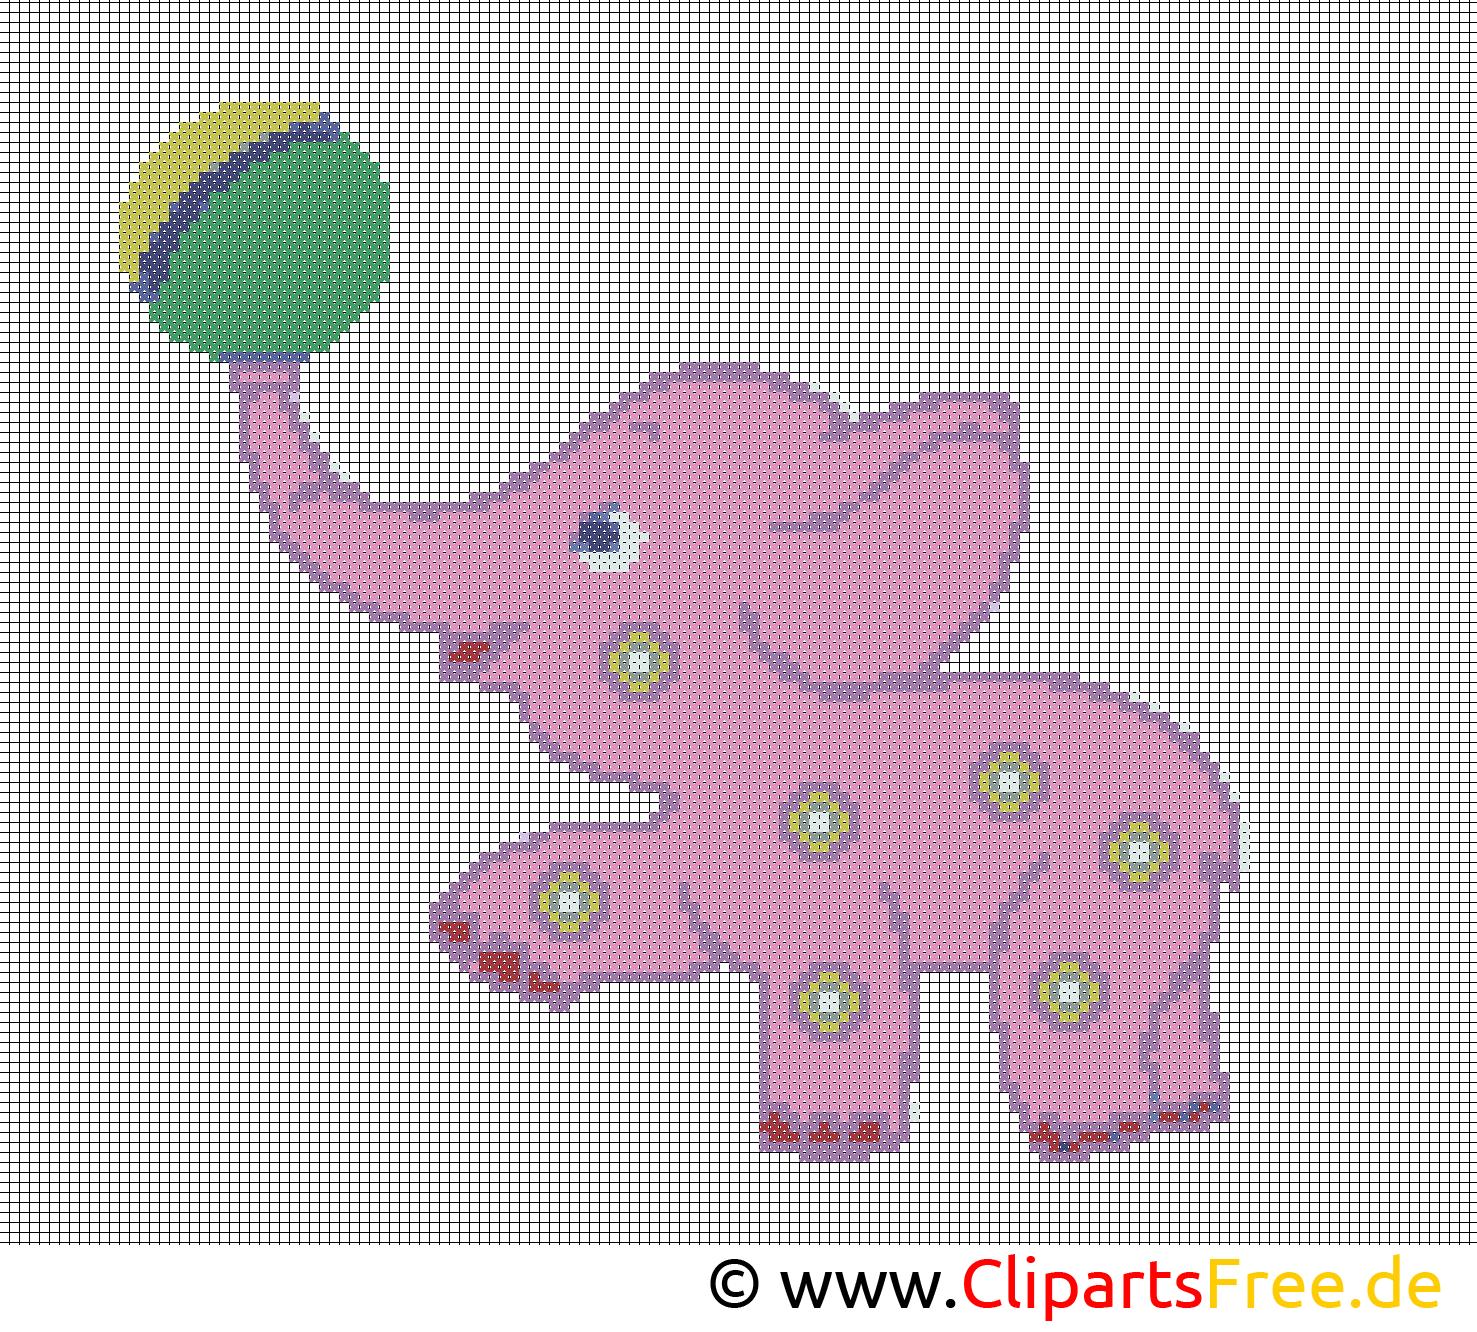 Kreuzstichvorlage kleiner elefant vorlagen zum sticken - Sticken vorlagen kostenlos ...